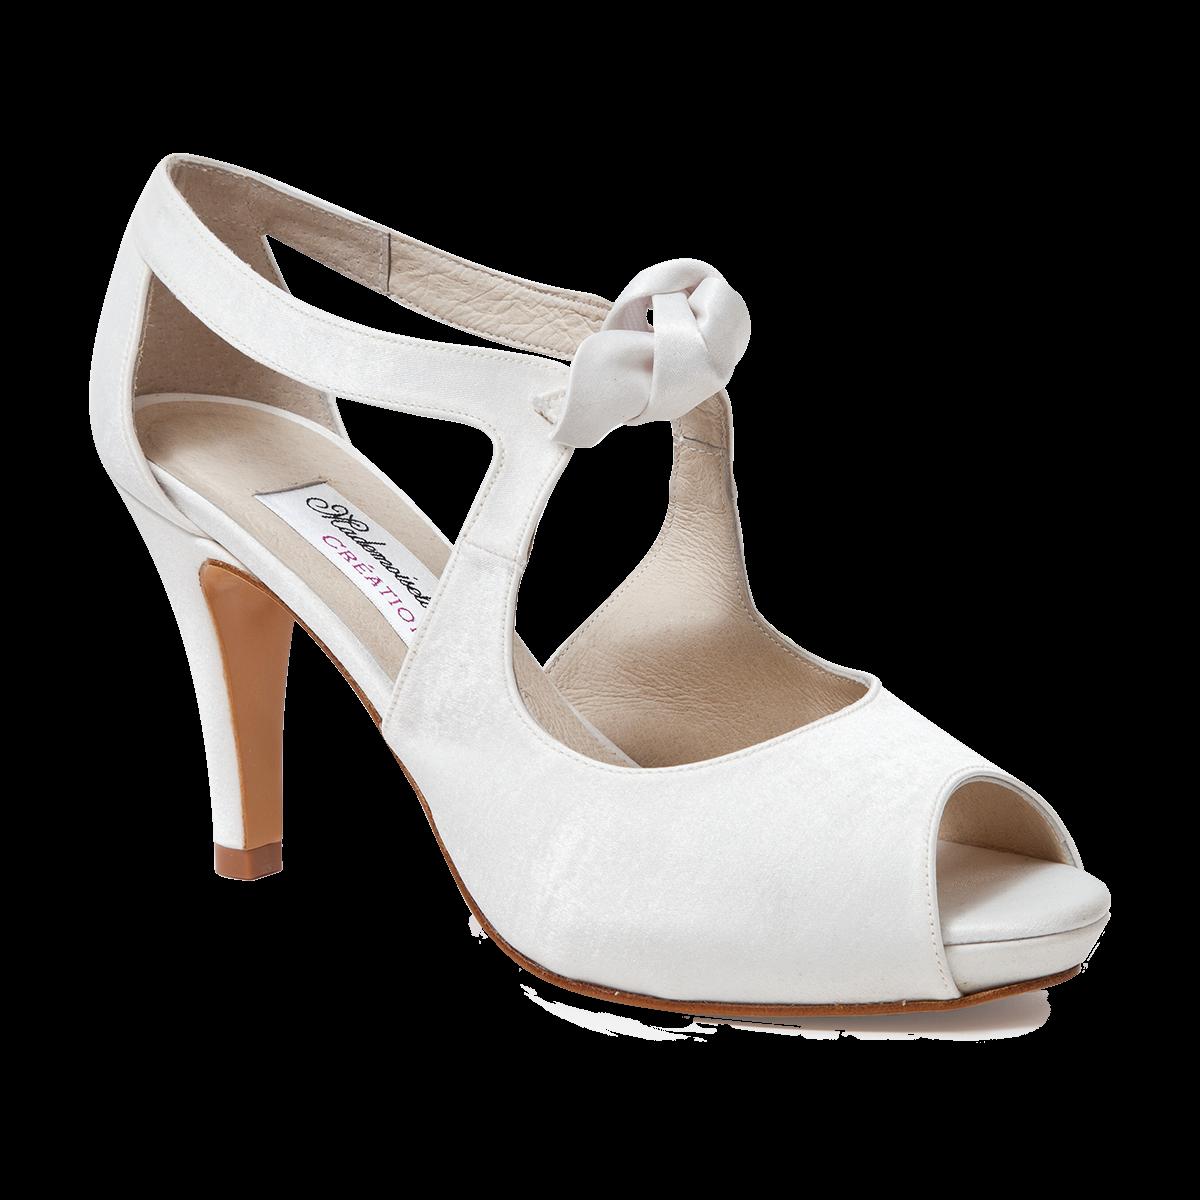 chaussures de mariée La Bastille - Mademoiselle Rose chaussures de ... 8eeb4ffa486